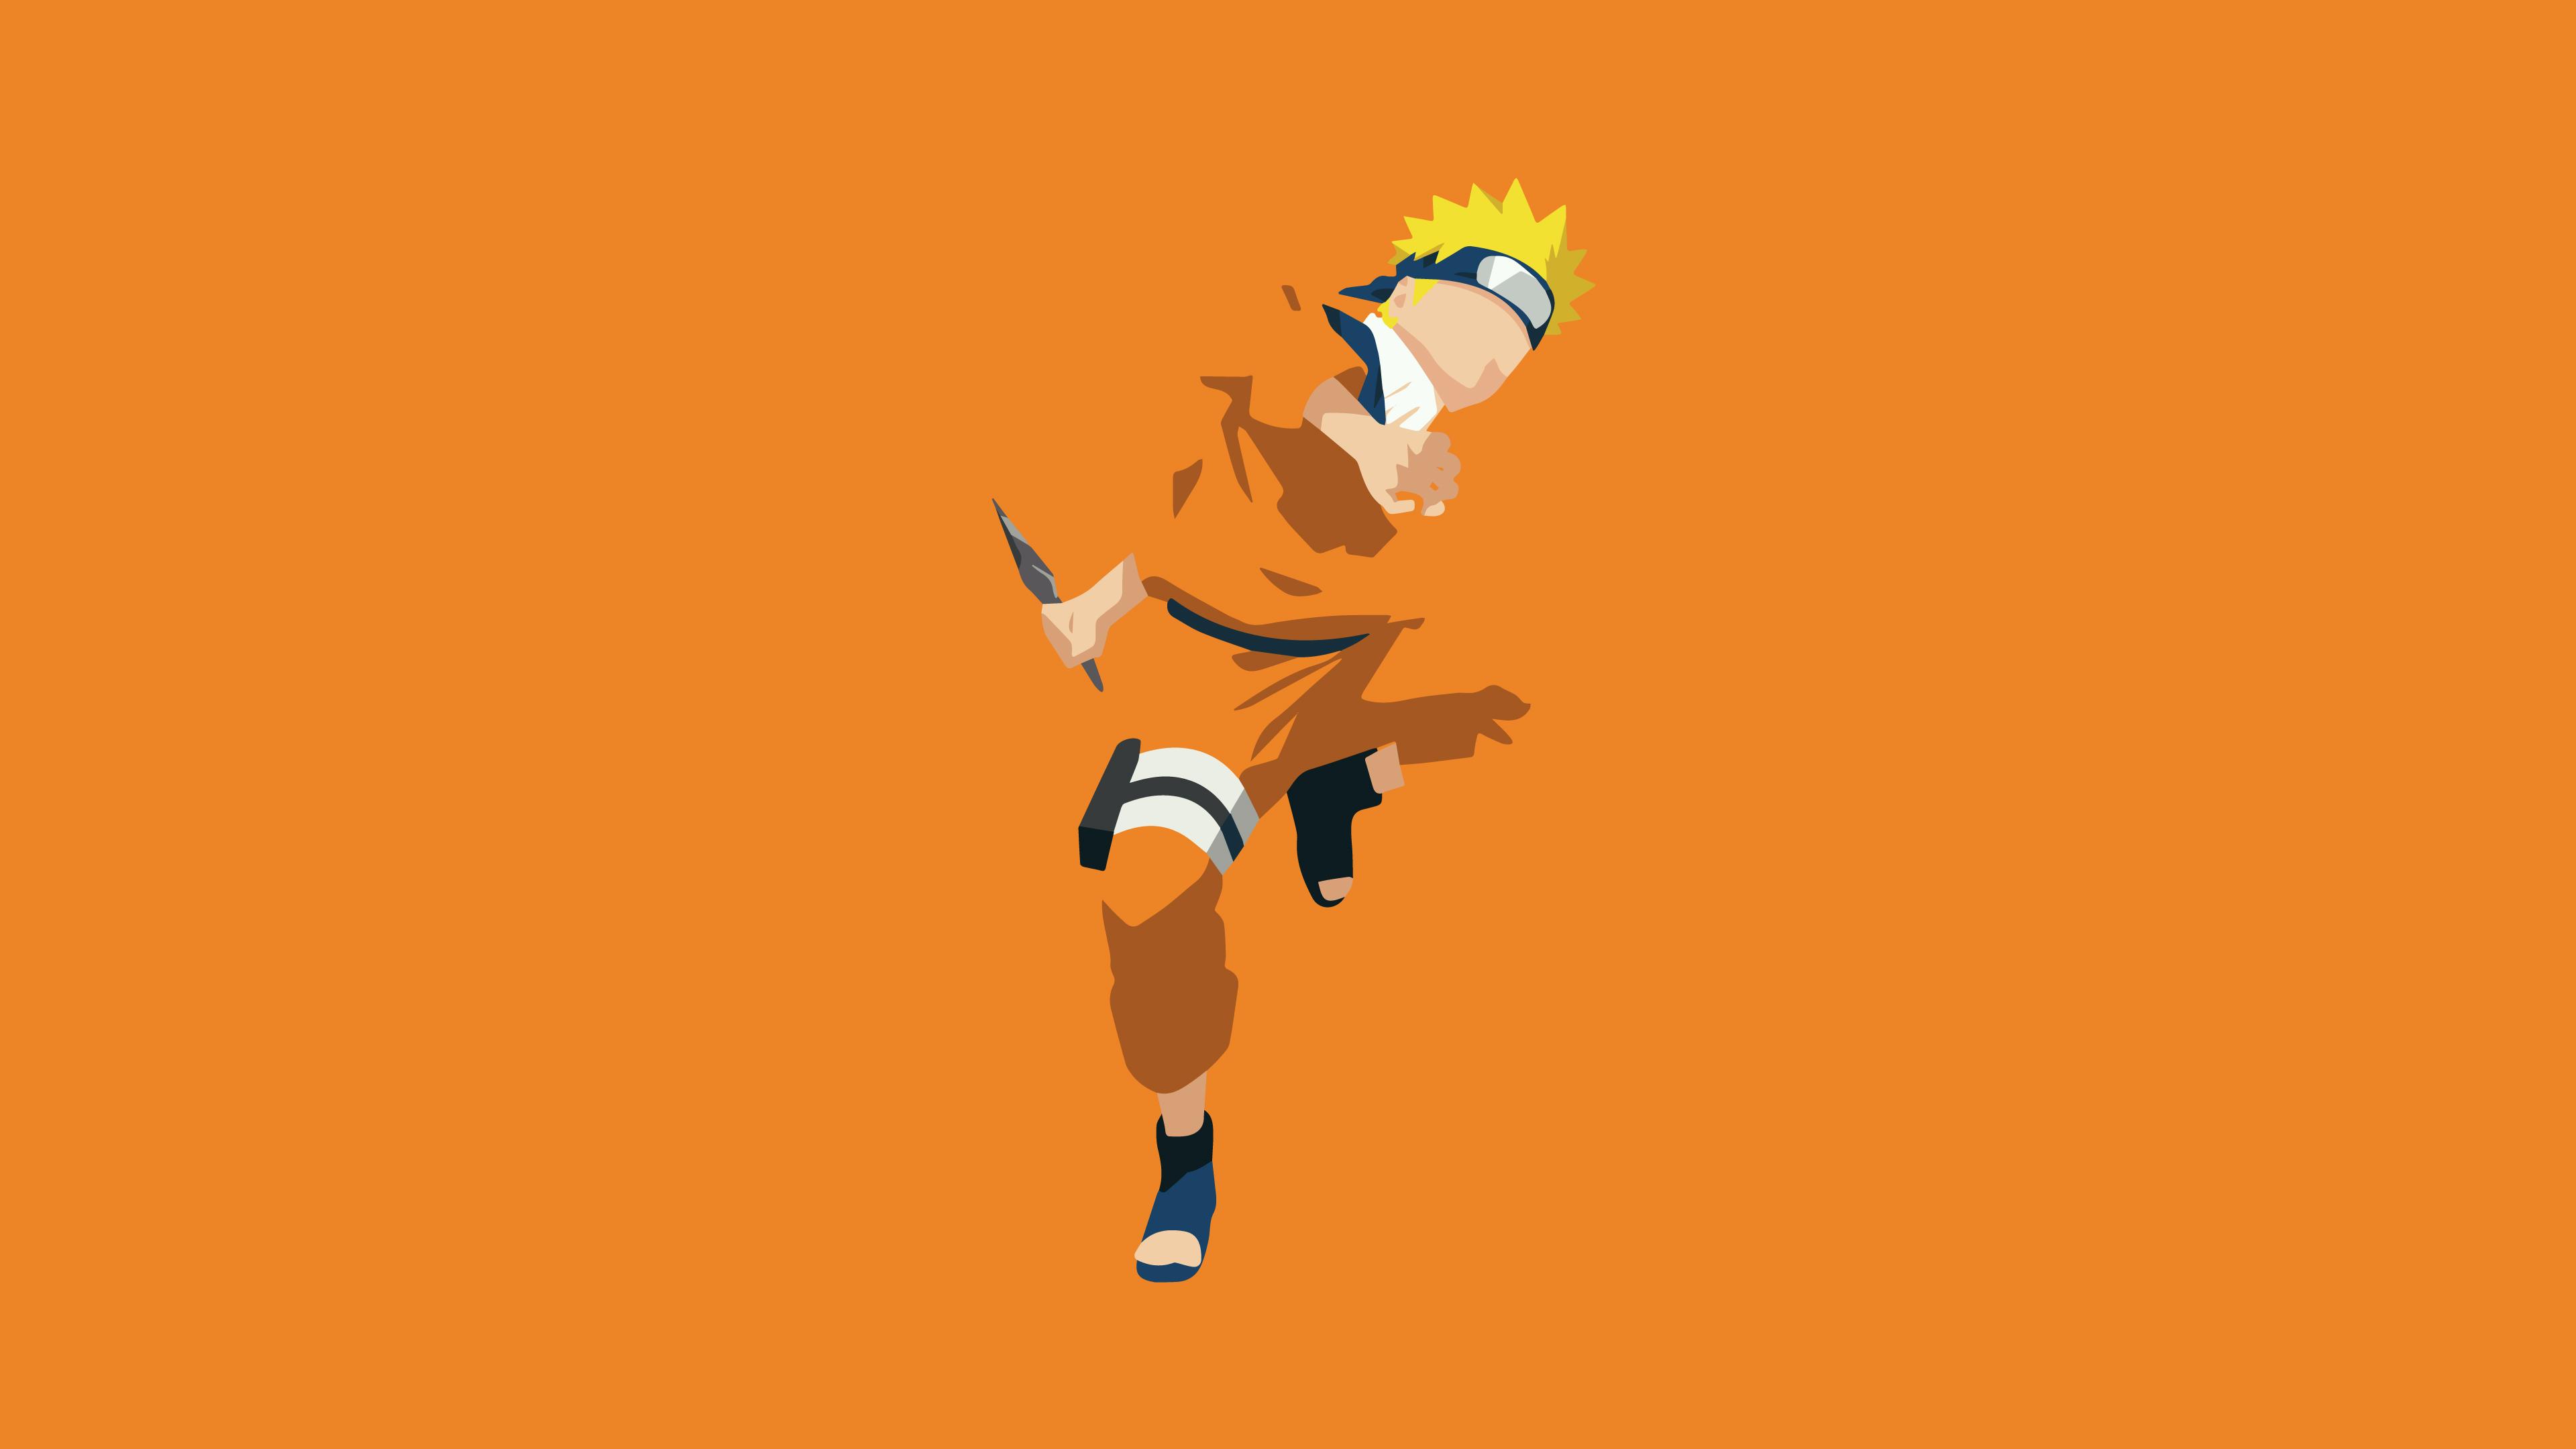 Naruto Uzumaki Minimalist Anime Wallpaper 4k Ultra HD ID3619